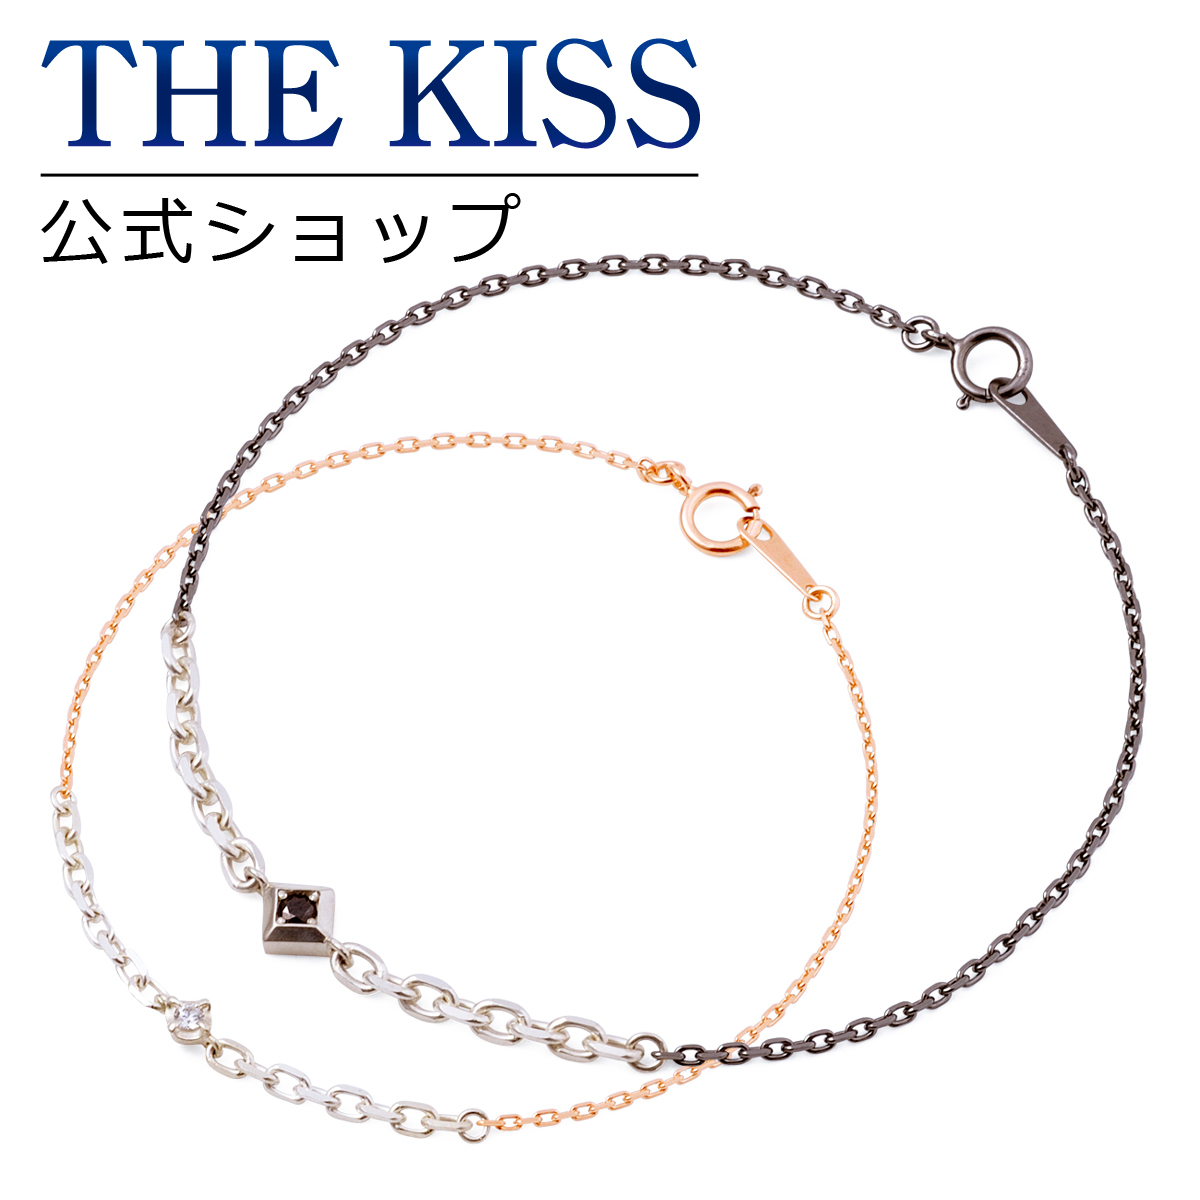 【あす楽対応】THE KISS 公式サイト シルバー ペアブレスレット ペアアクセサリー カップル に 人気 の ジュエリーブランド THEKISS ペア ブレスレット 記念日 プレゼント SBR1700CB-1701CB セット シンプル ザキス 【送料無料】